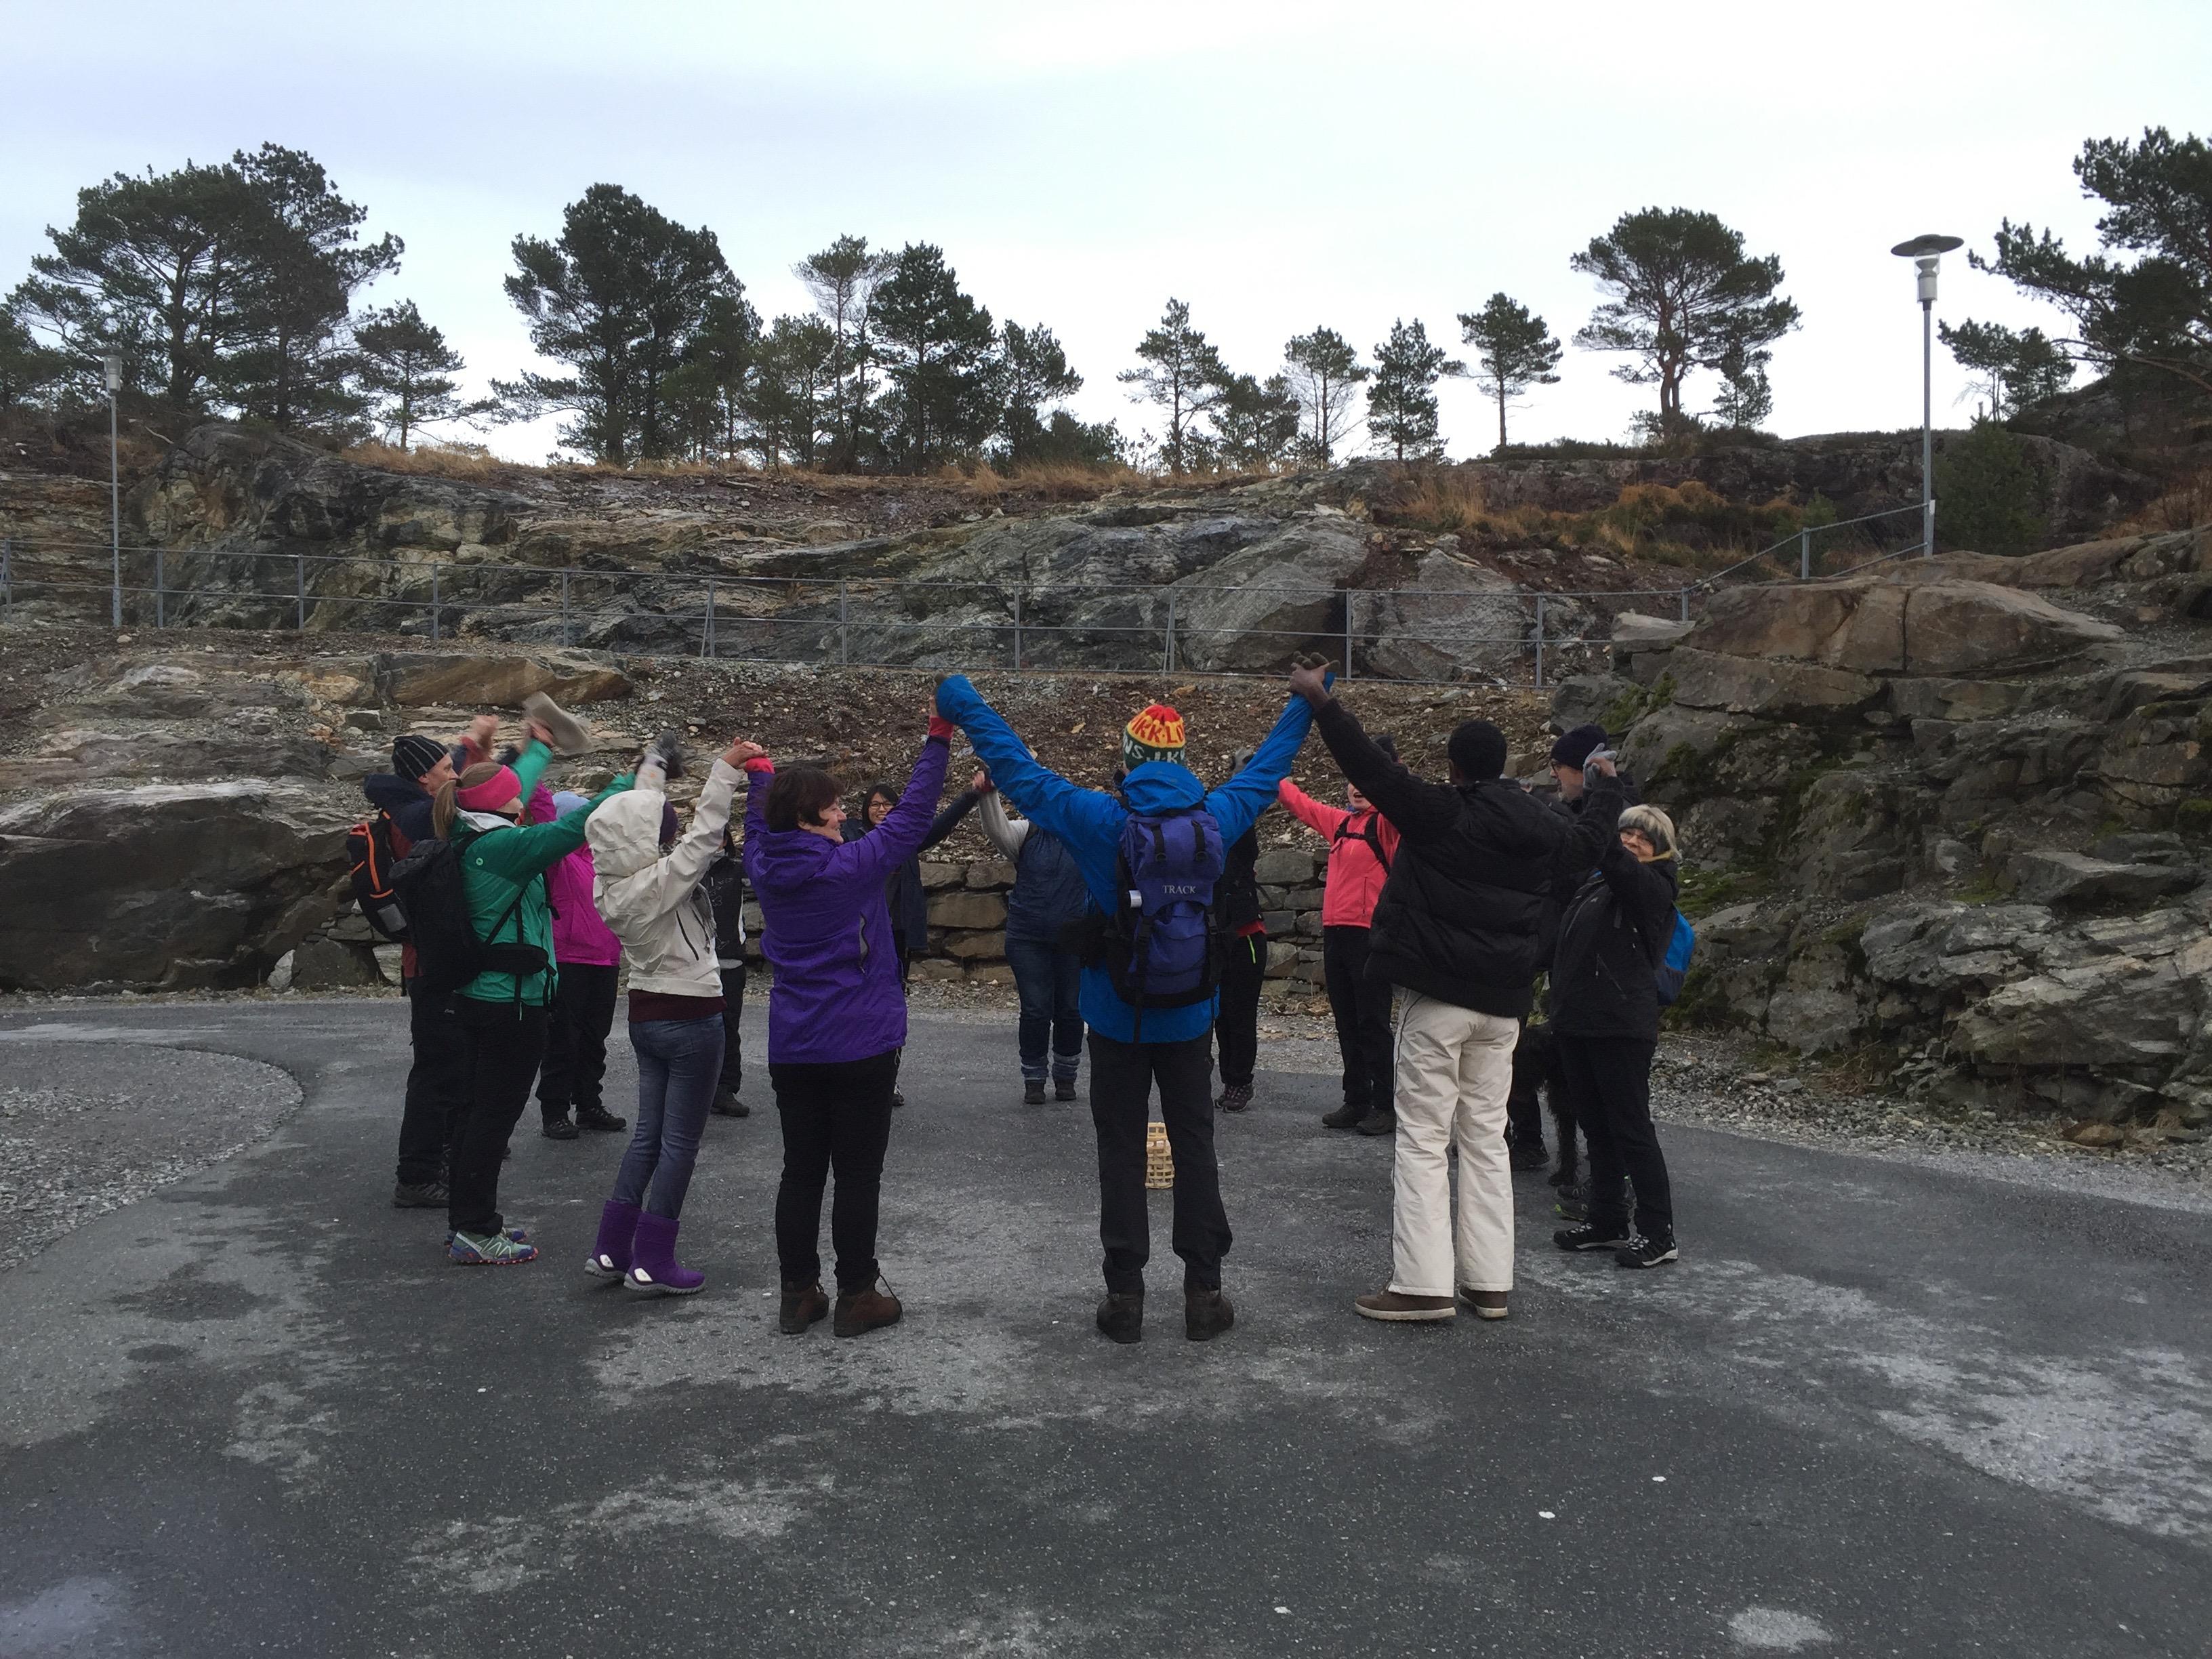 Gamleskulen ved Indregardsfjellet i Knarvik, Lindås